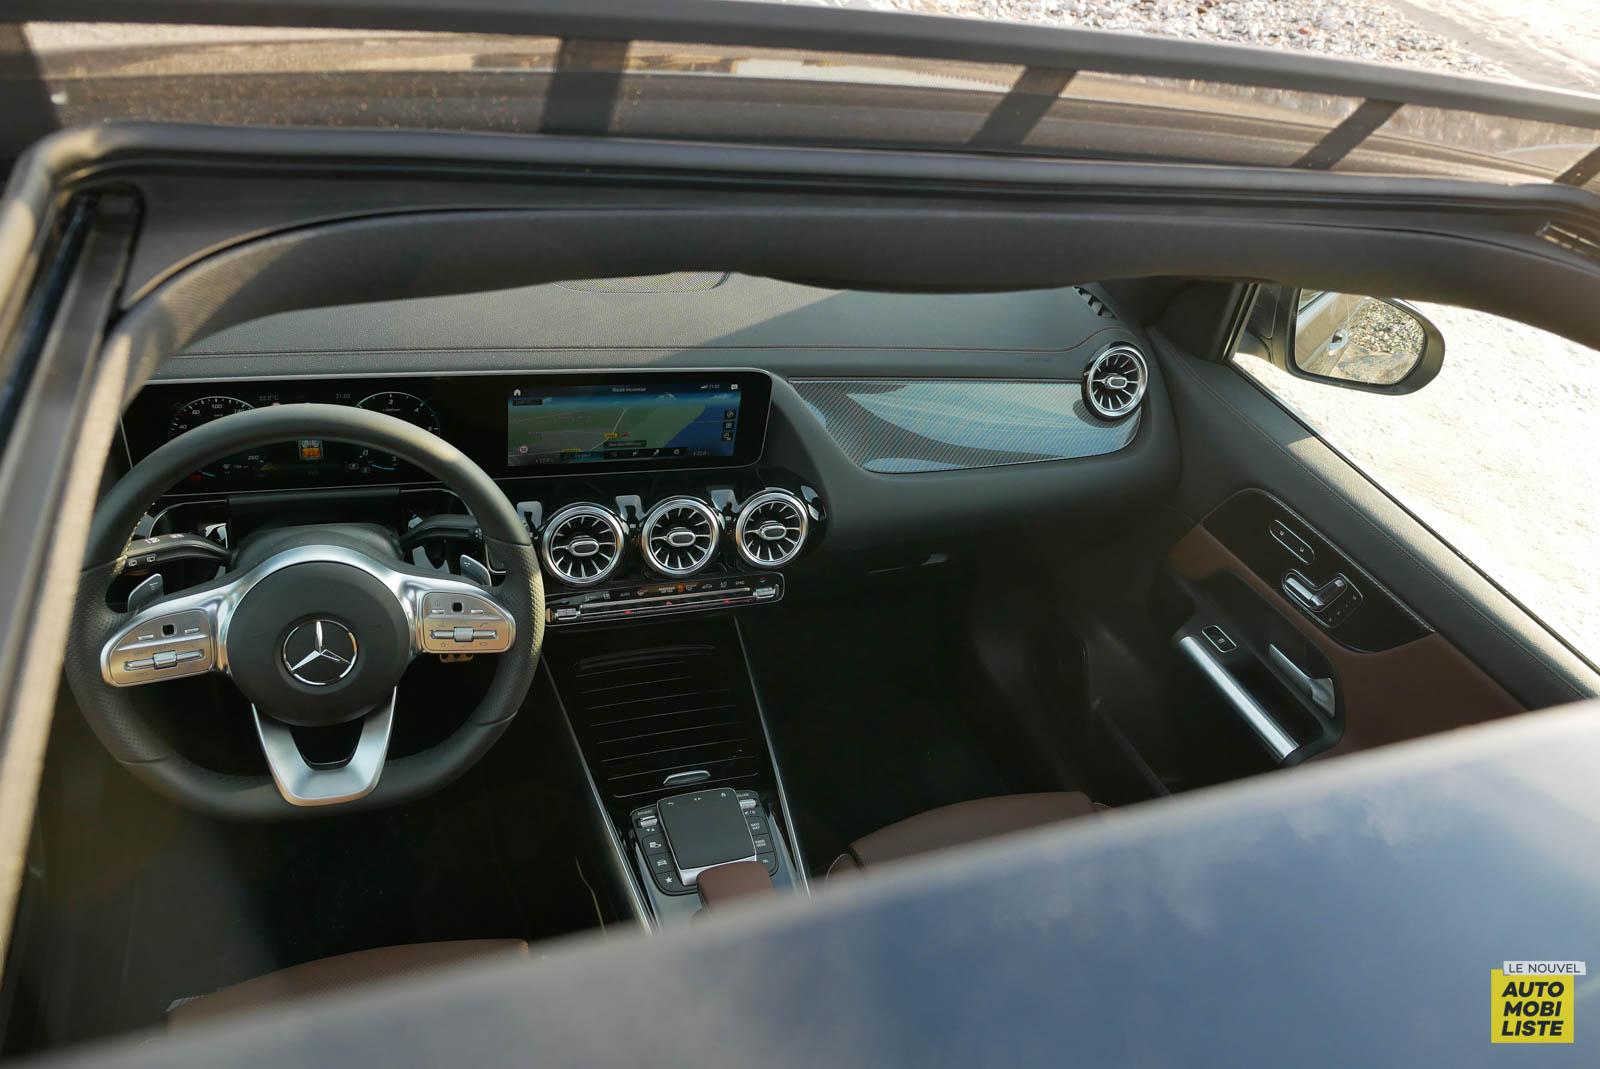 LNA 2007 Mercedes GLA Tableau de Bord 004